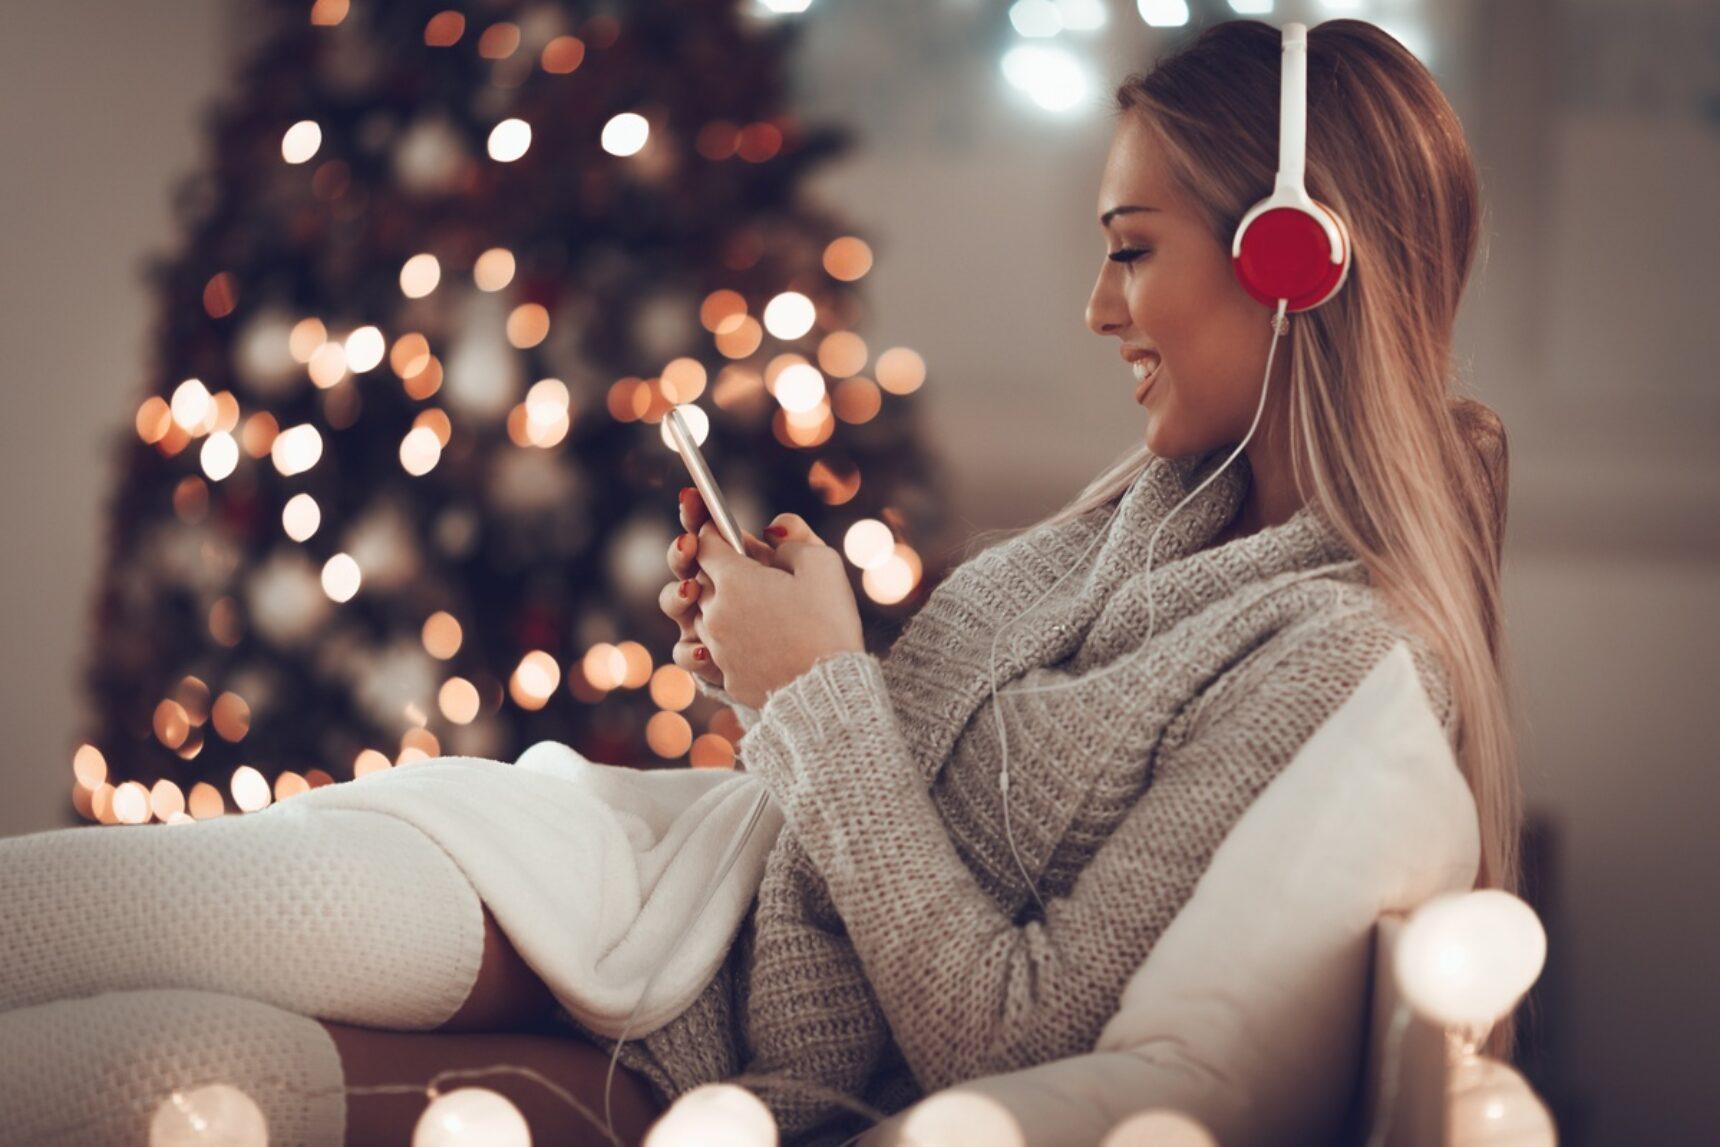 Świąteczne piosenki na świąteczne dni! Lista najlepszych utworów